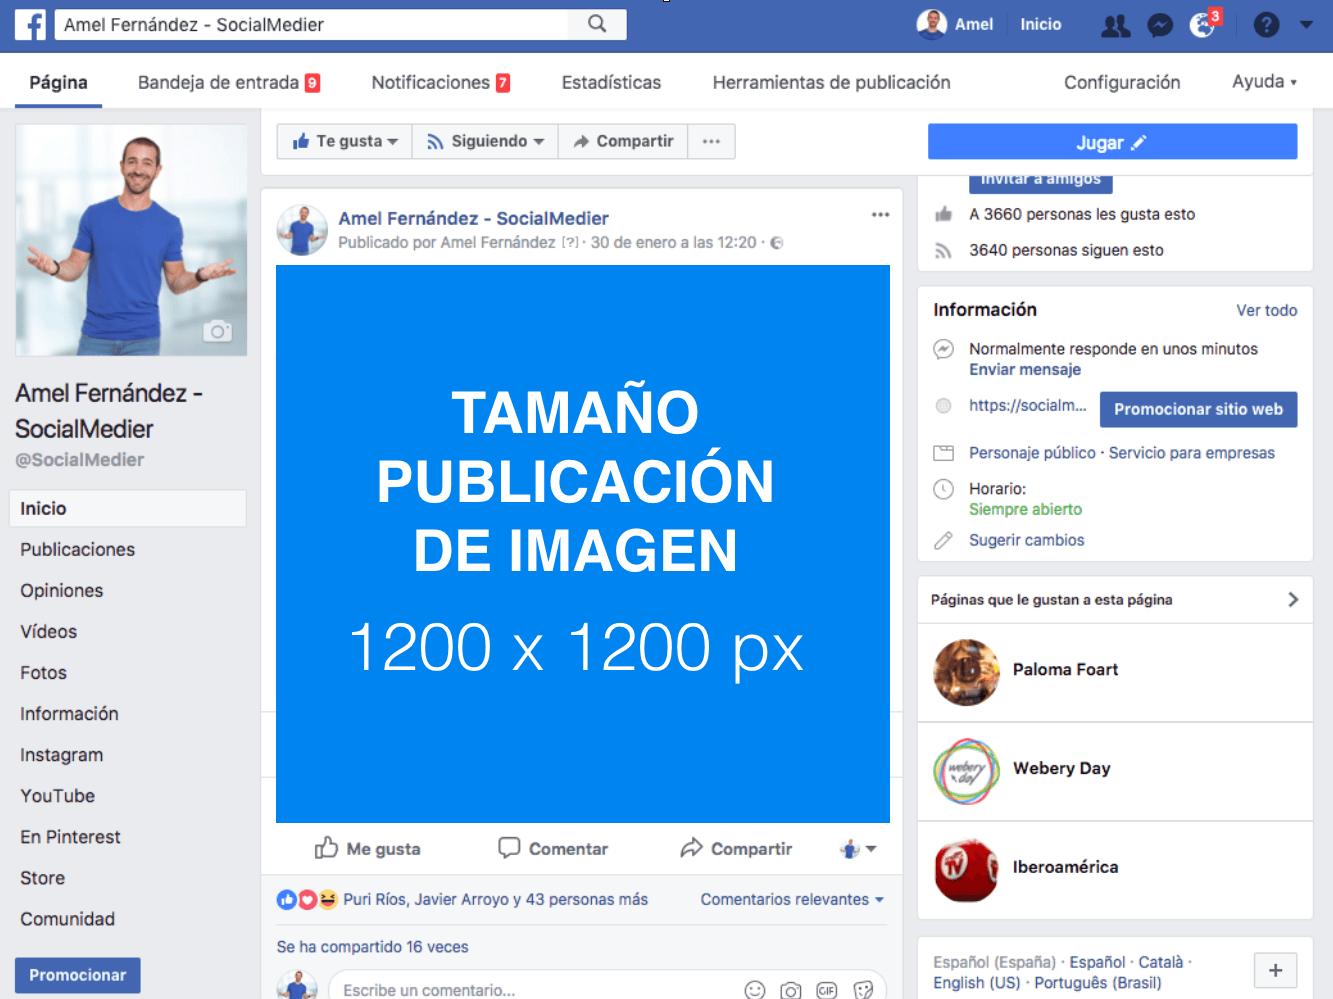 tamano-imagenes-facebook-publicaciones-imagen